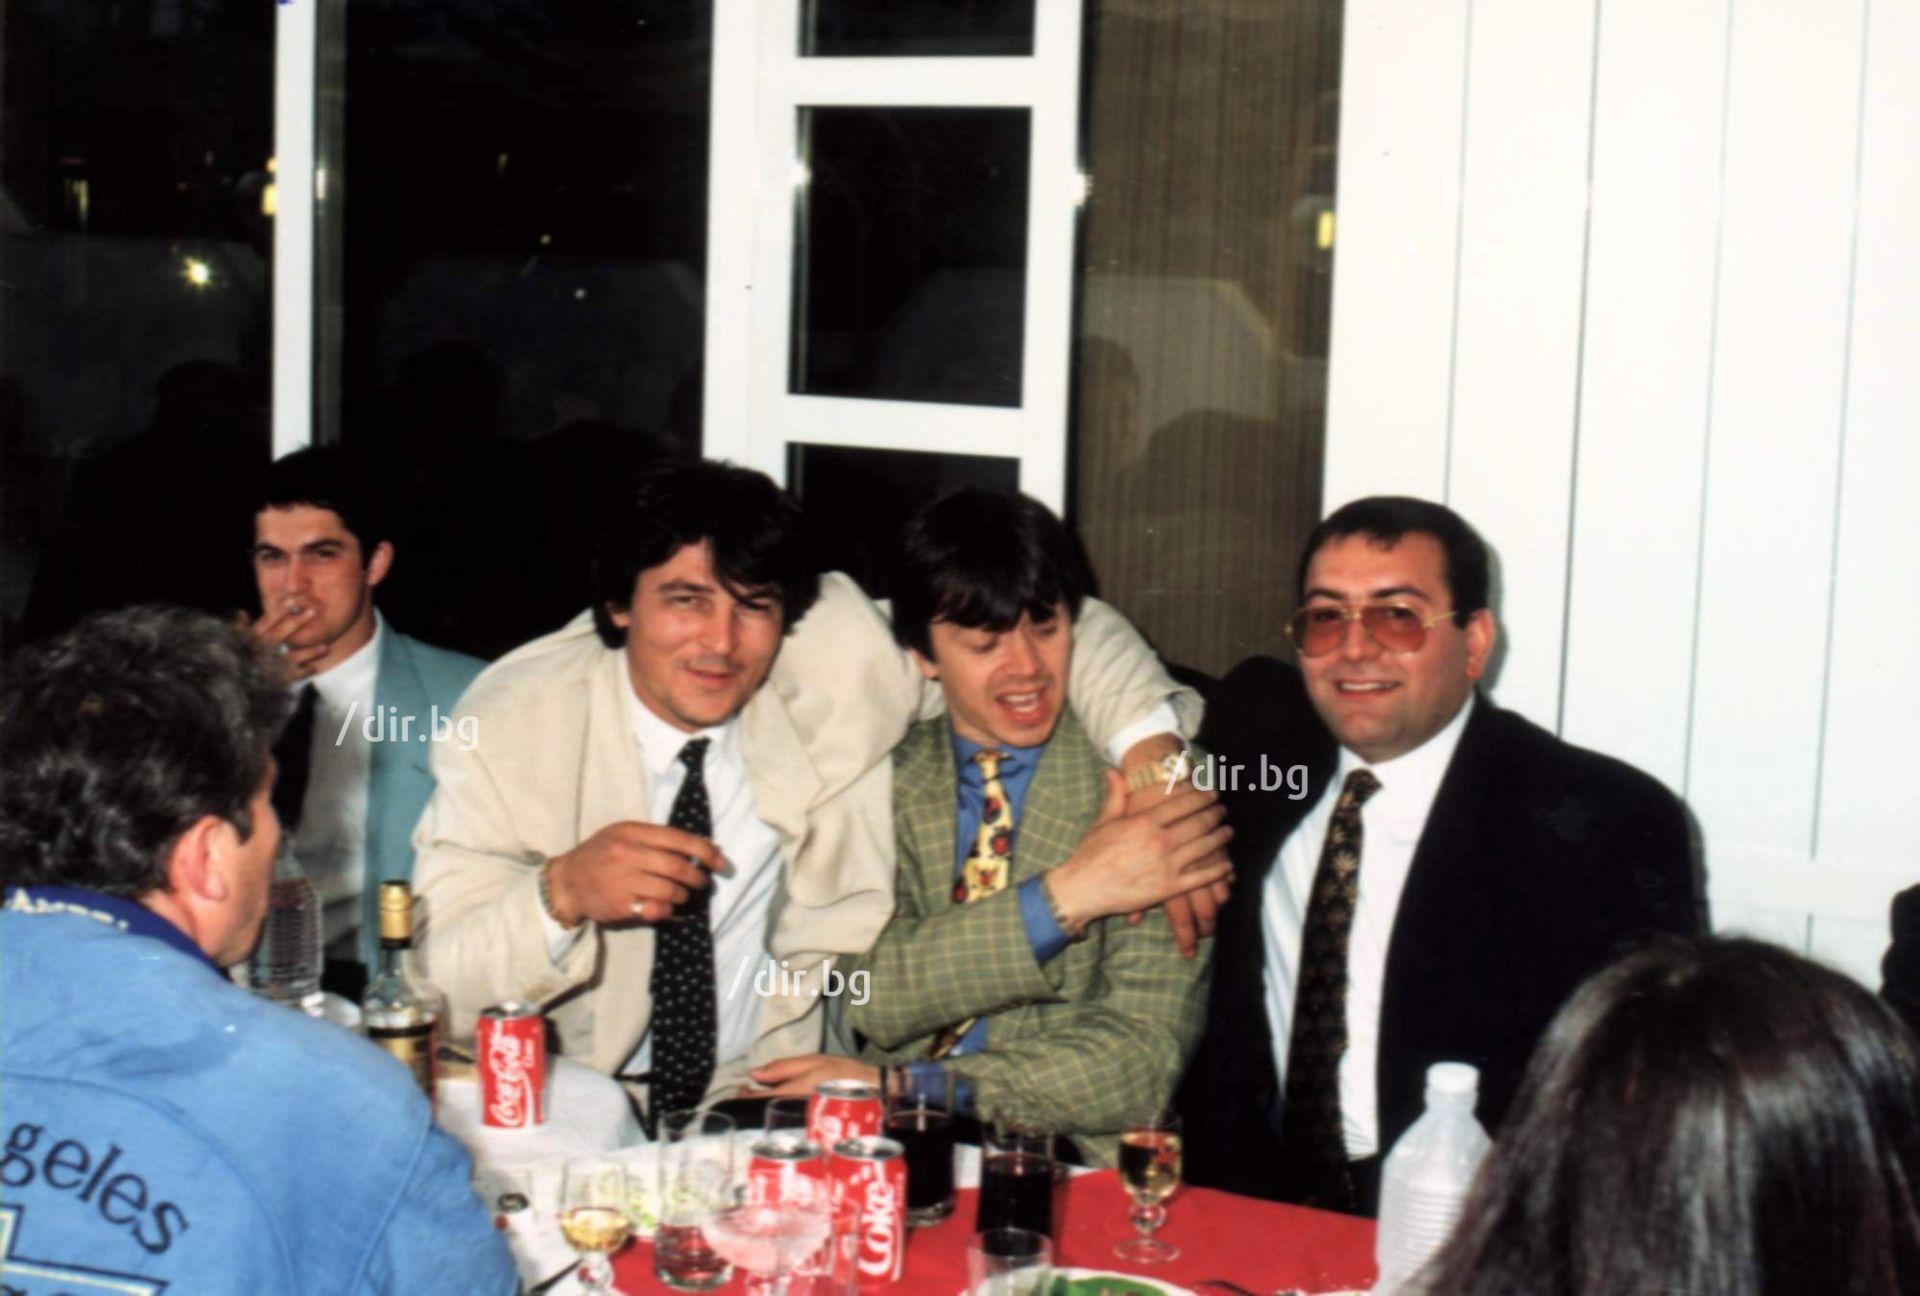 1994 г. С Румен Гайтански - Вълка и Боян Петракиев - Барона на сватбата на Георги Илиев (Снимка: Архив Дир.бг)